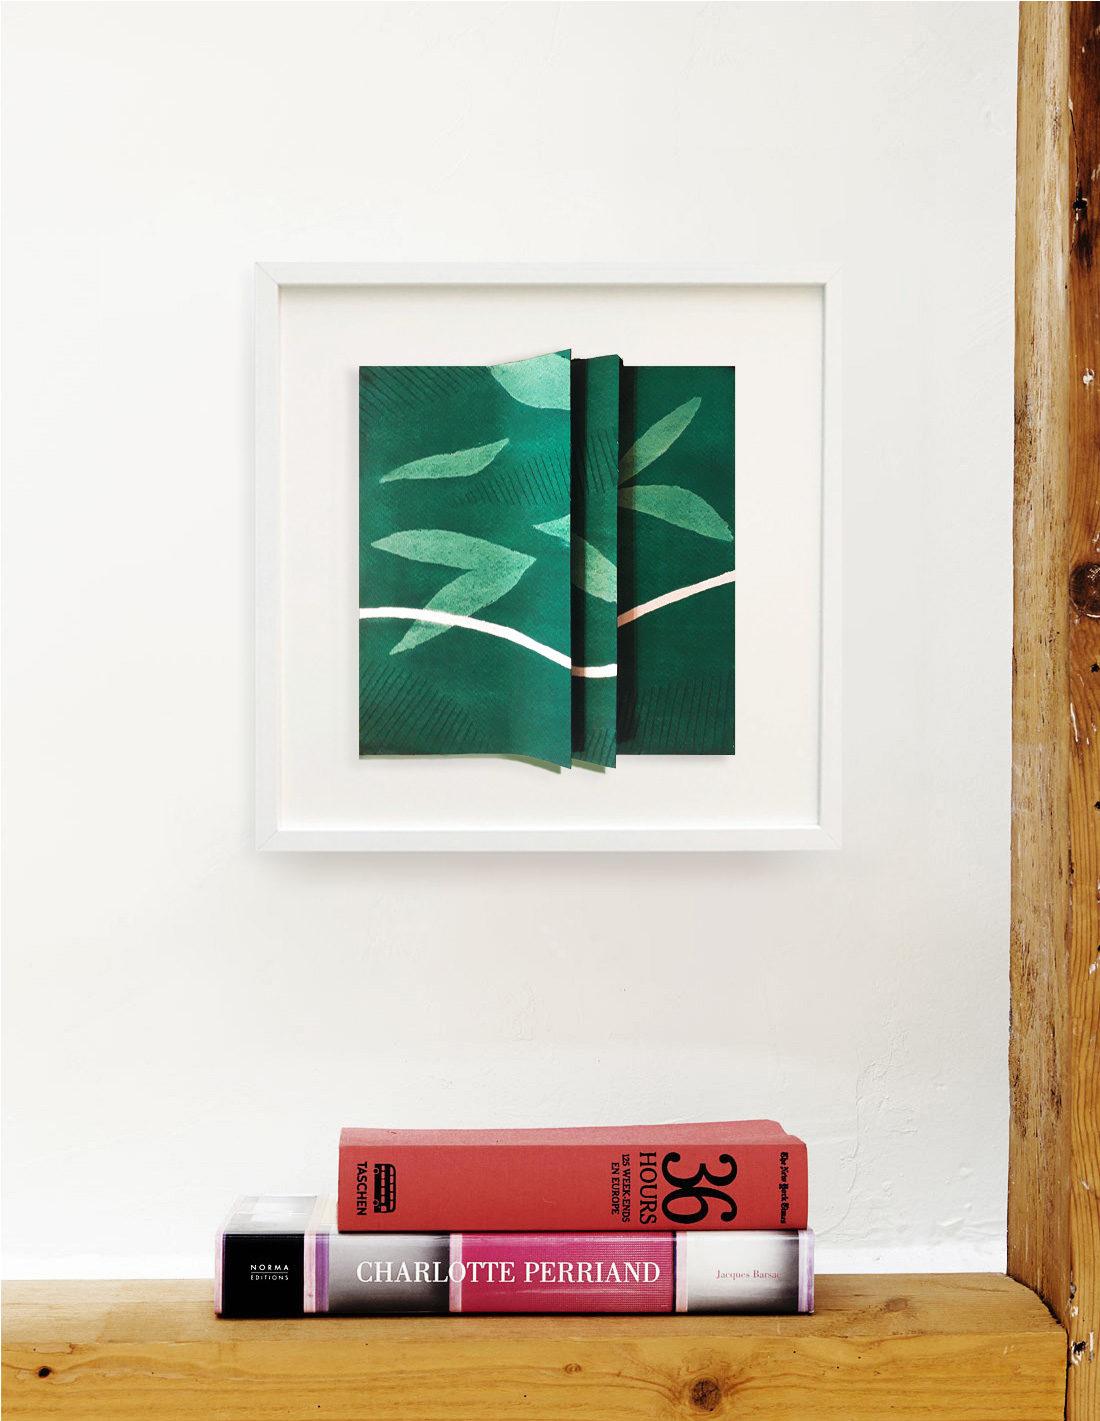 Bernard Gortais - Oeuvre sur papier - La vie des plis